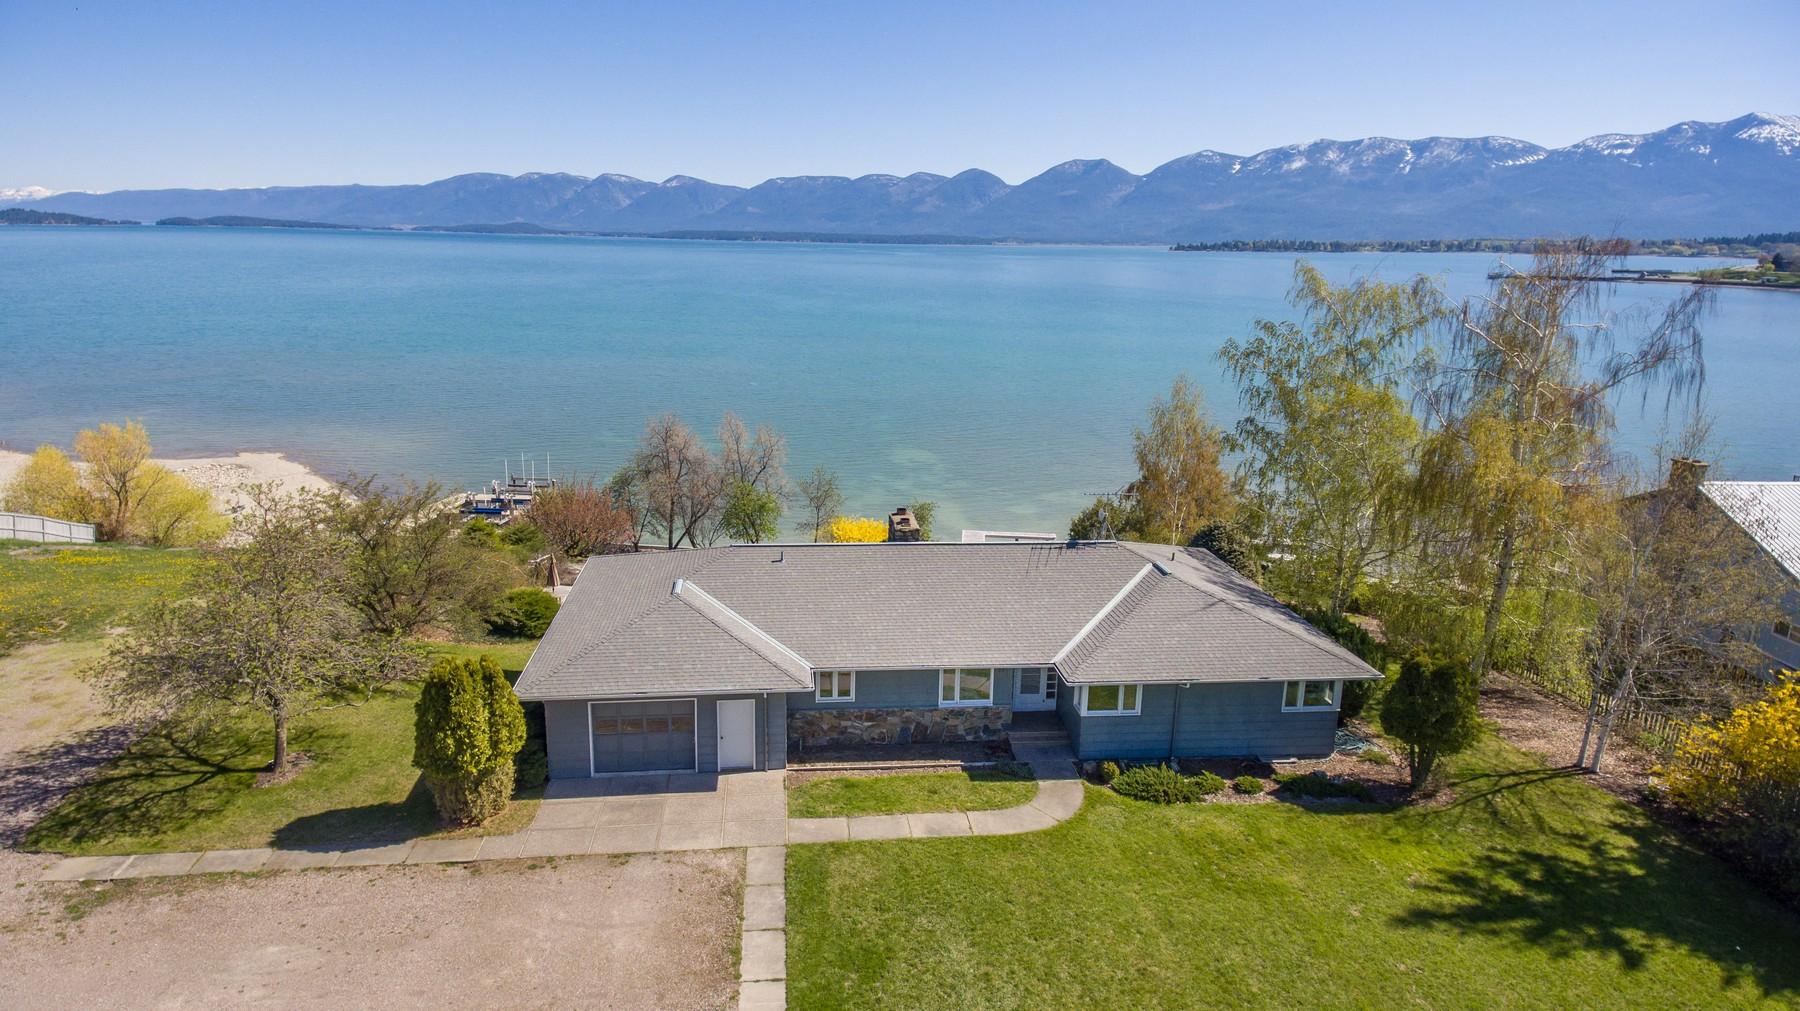 Частный односемейный дом для того Продажа на 242 Shoreline Drive Polson, Монтана, 59860 Соединенные Штаты